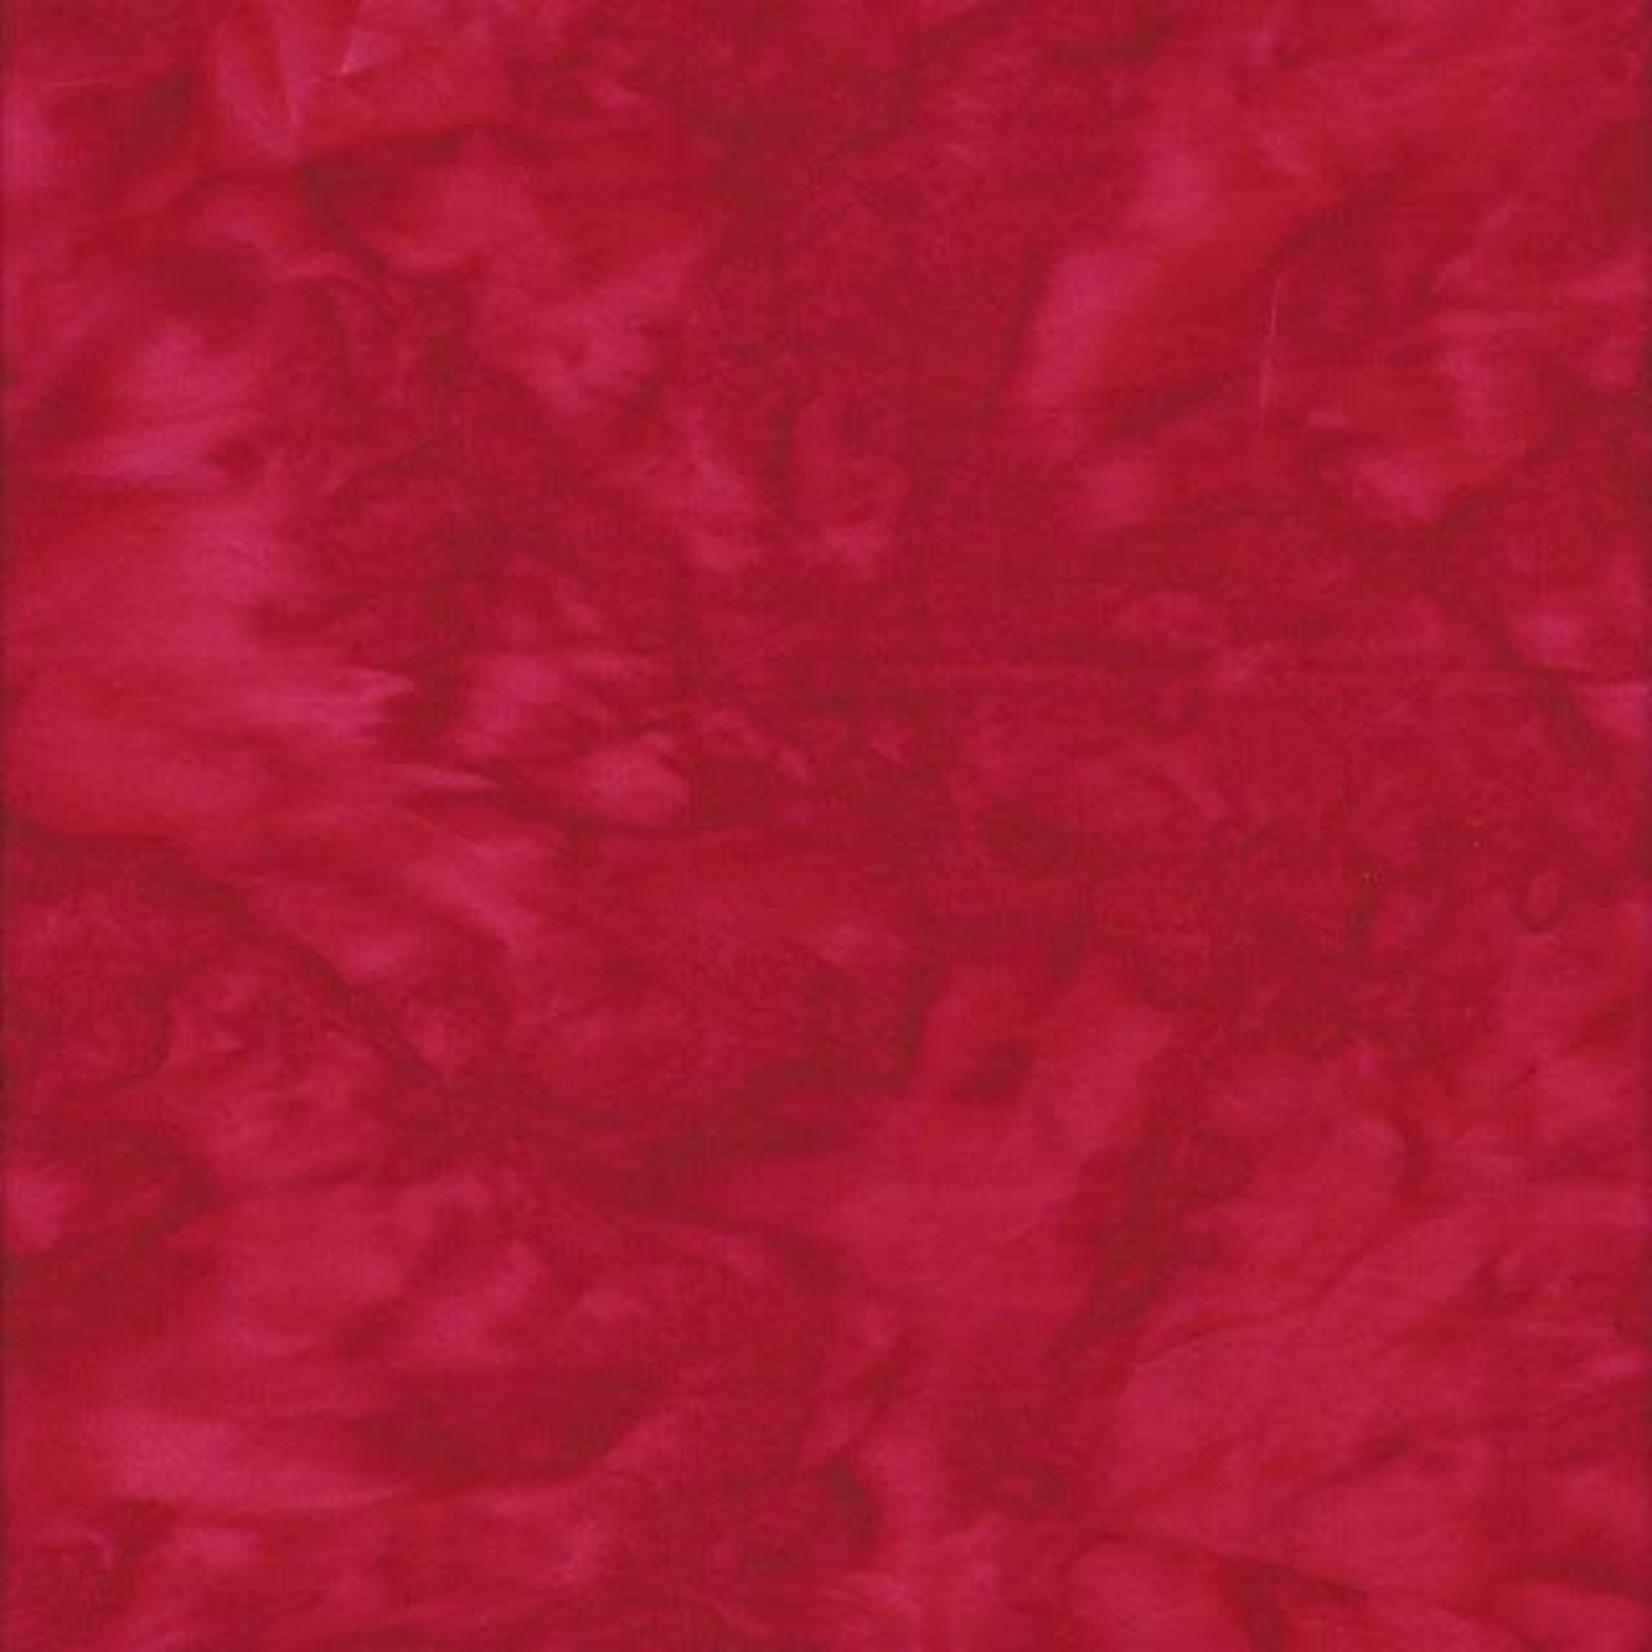 Marienhoffgaarden Basic Solids - Dark Red